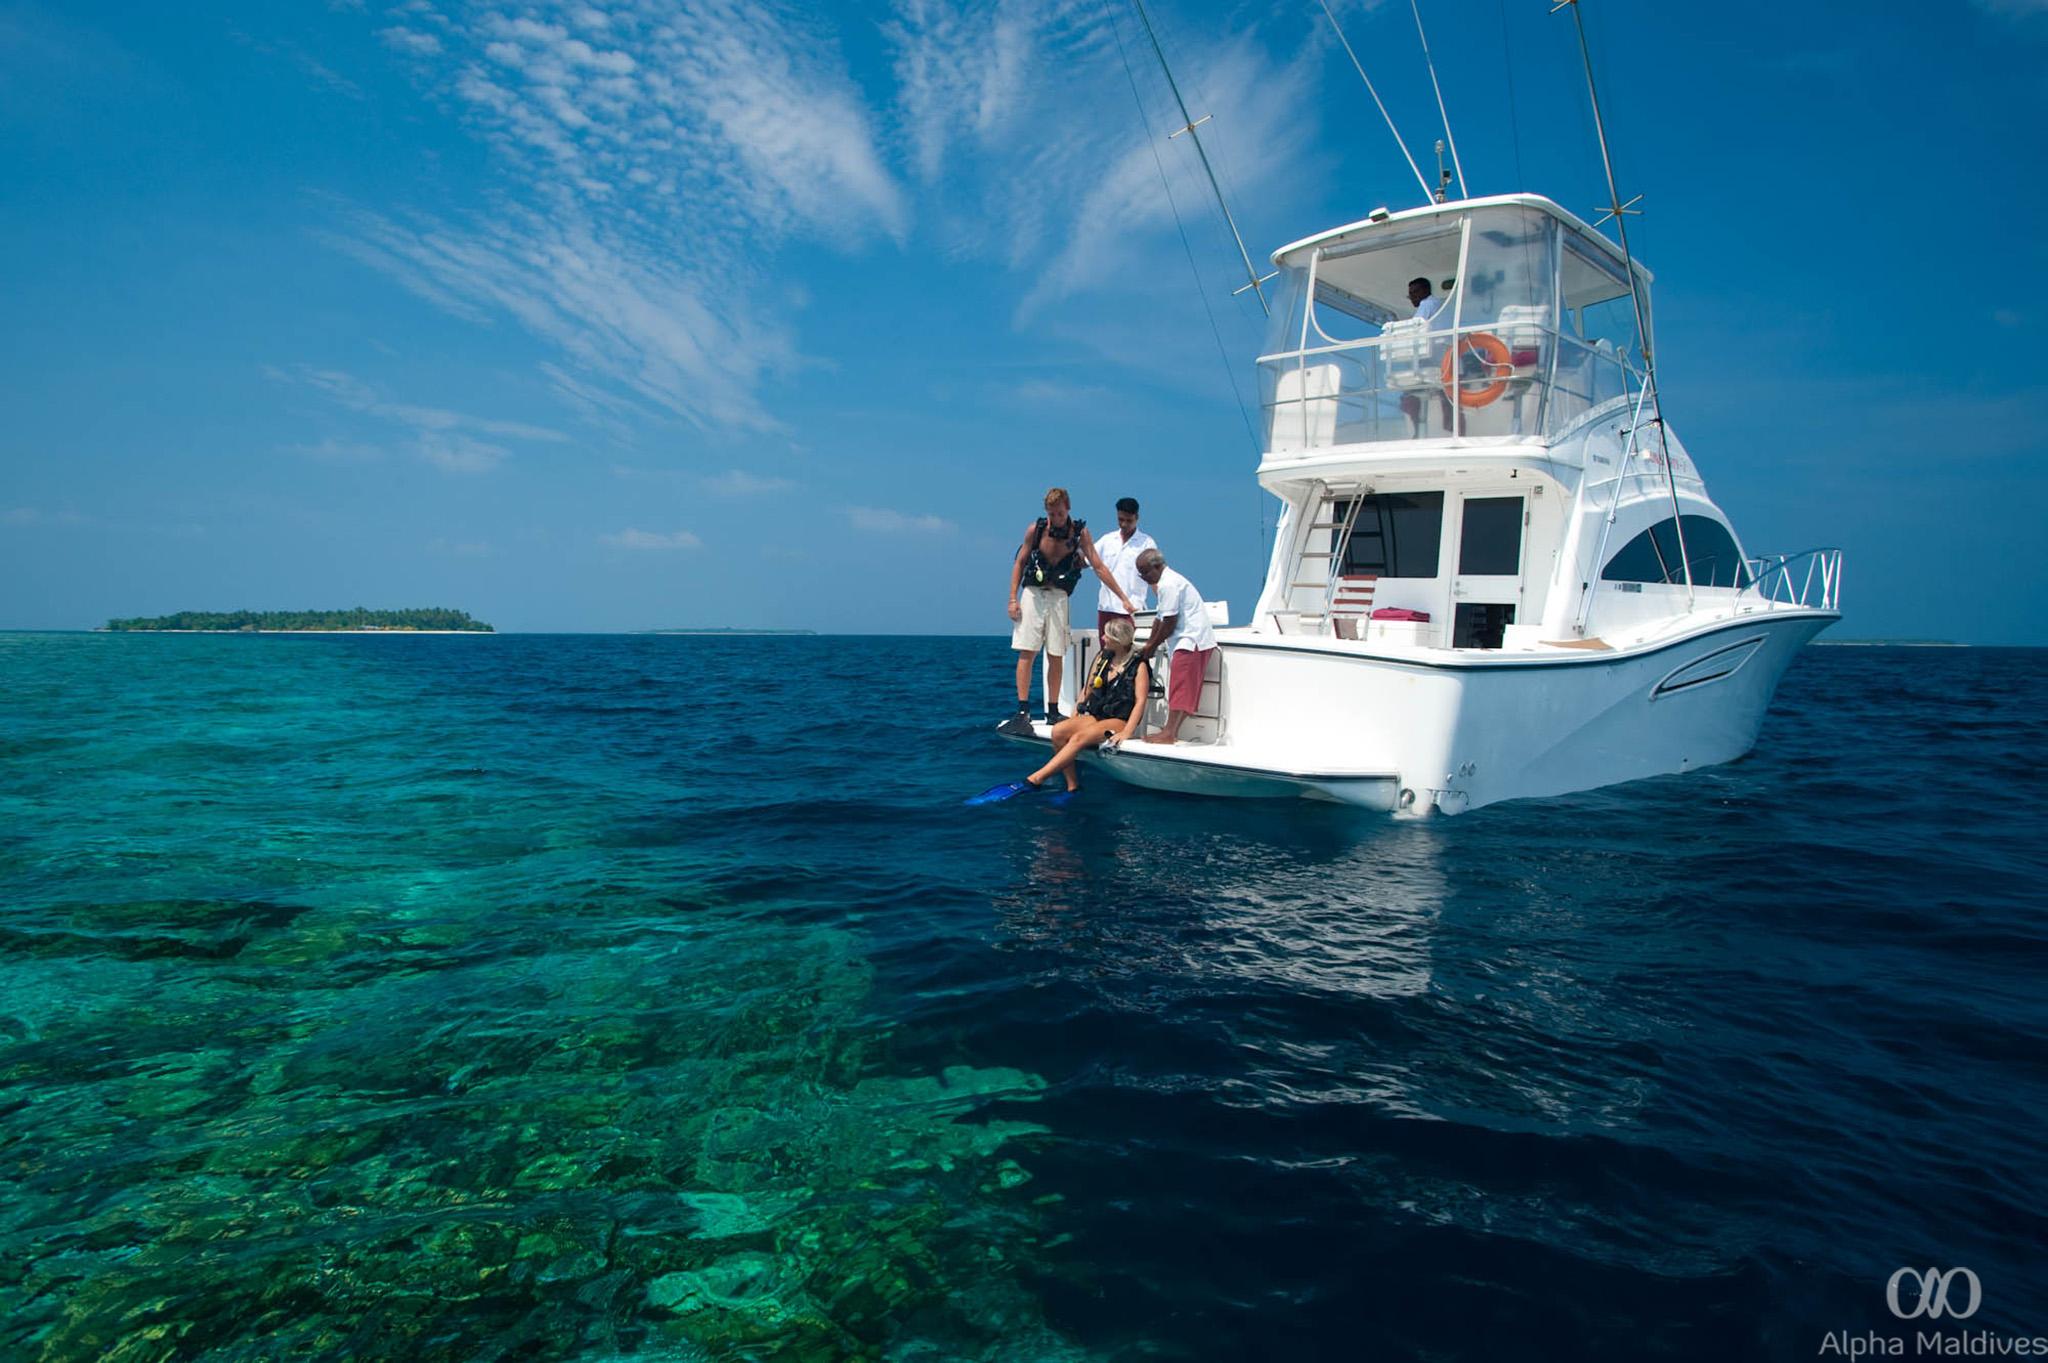 La mejor época para visitar las Maldivas - Monzón temporada 2015